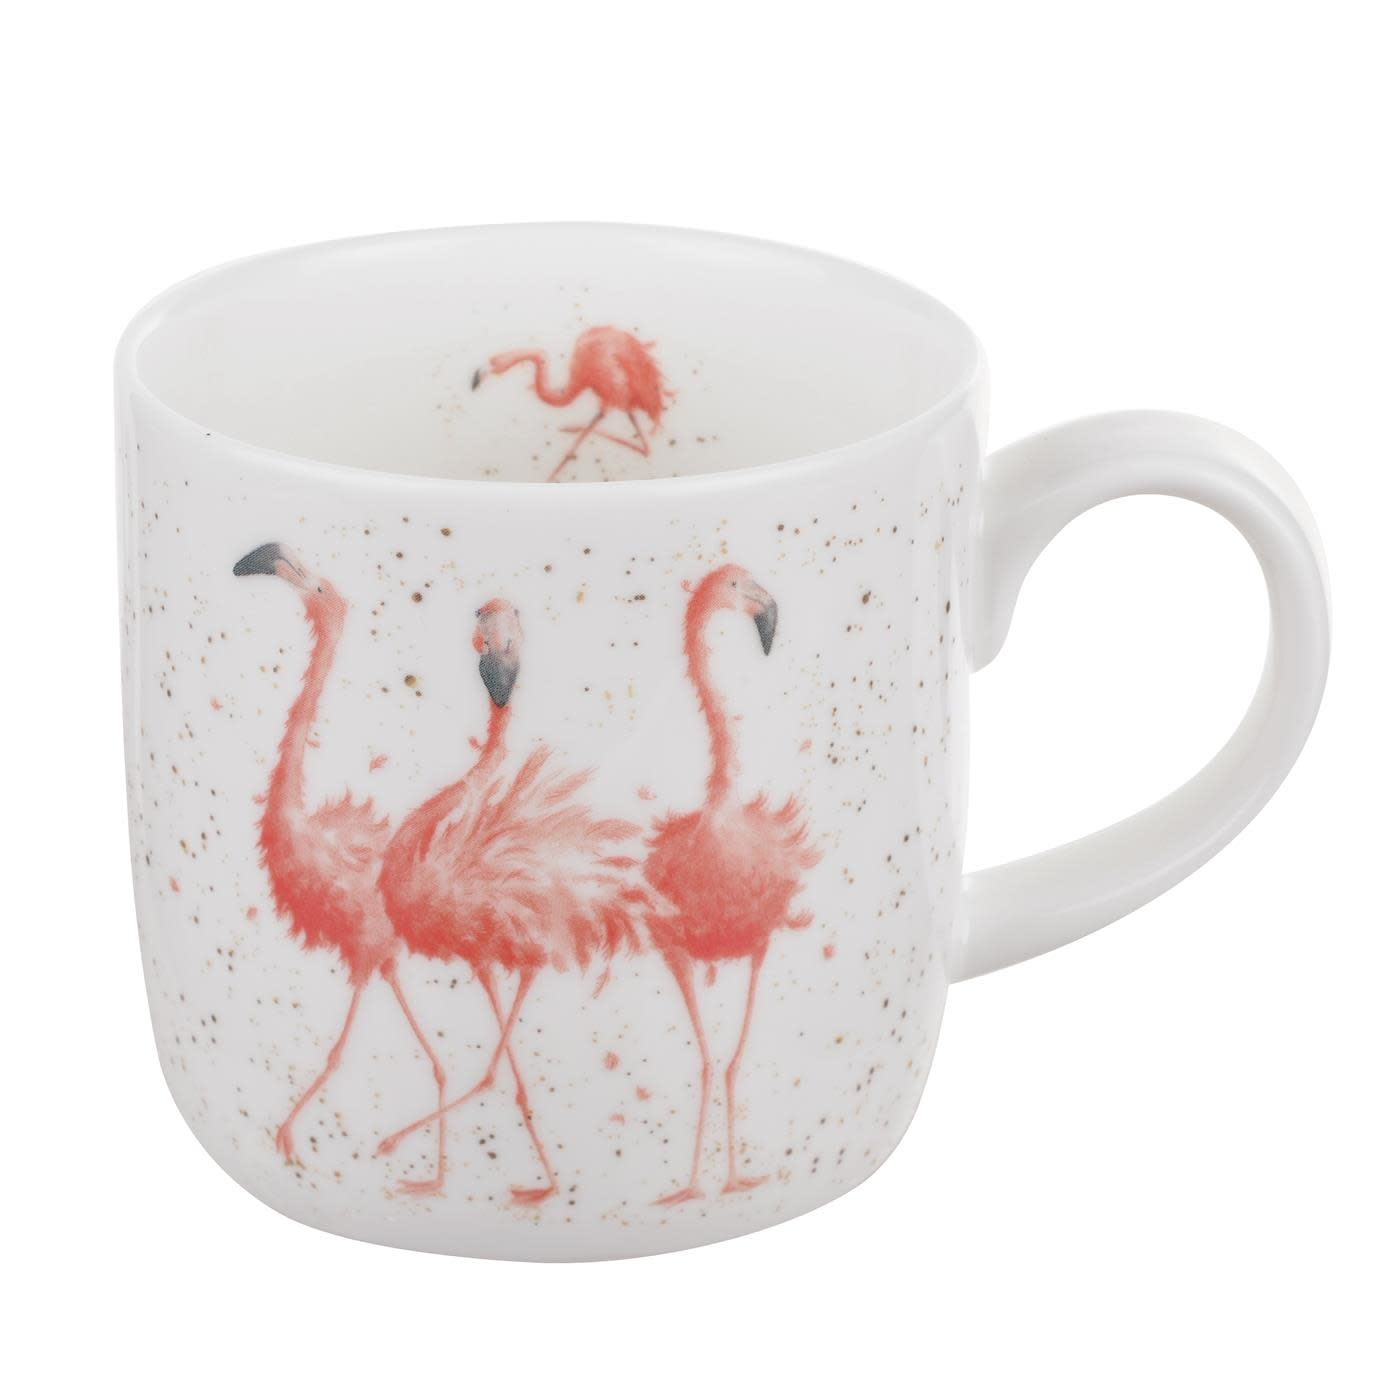 Wrendale Designs 'Pink Ladies' Mug